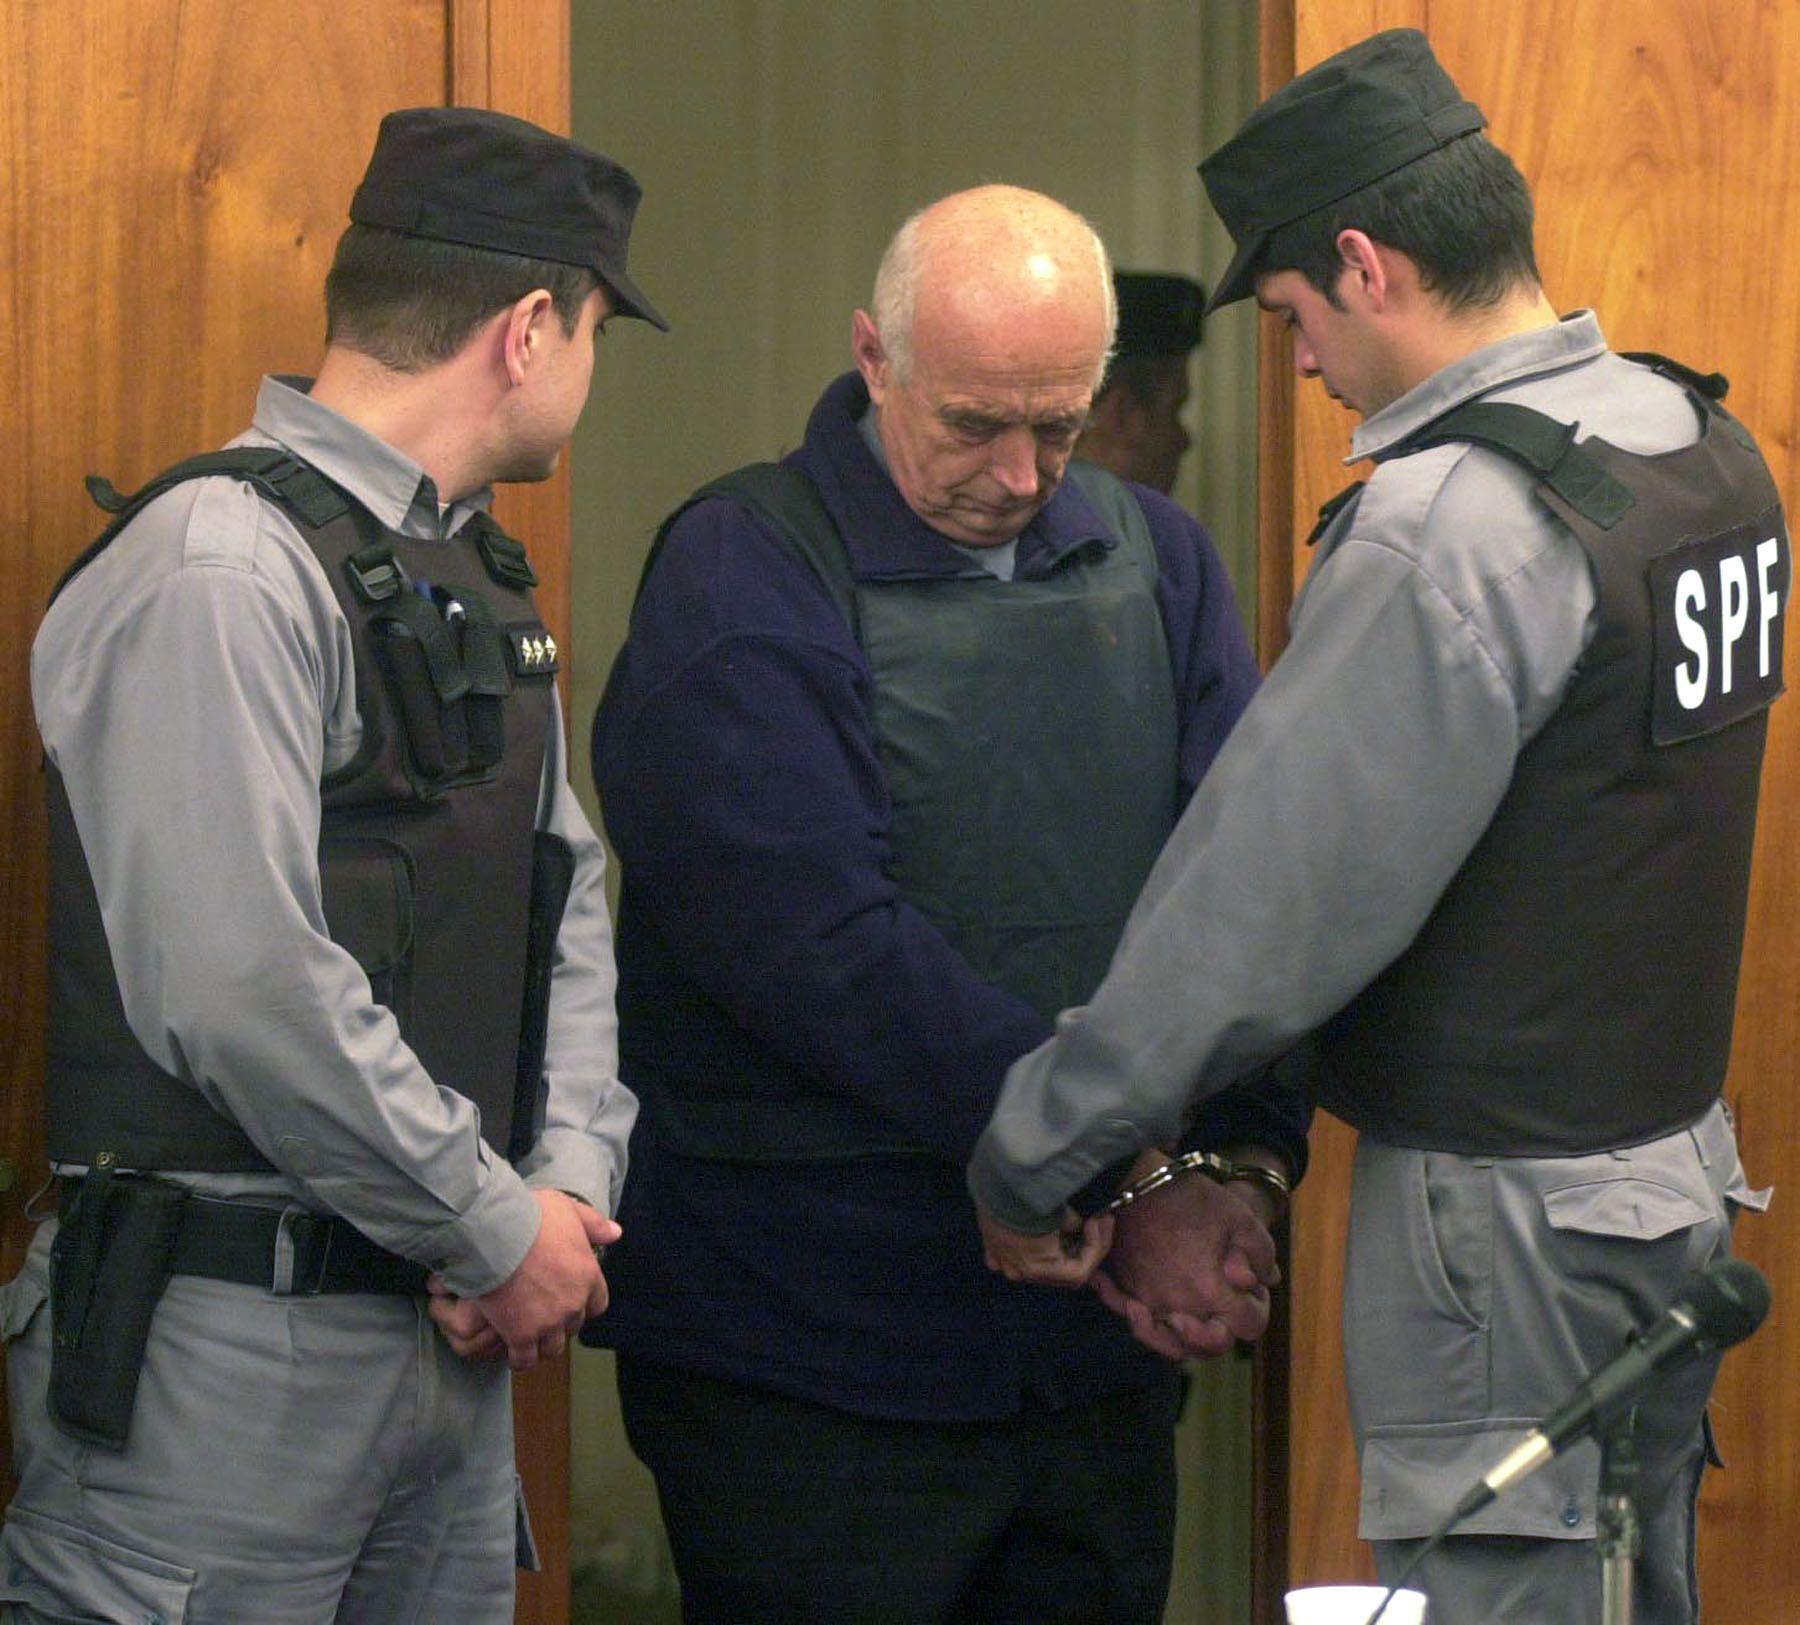 Christian Von Wernich al ser detenido tras el juicio